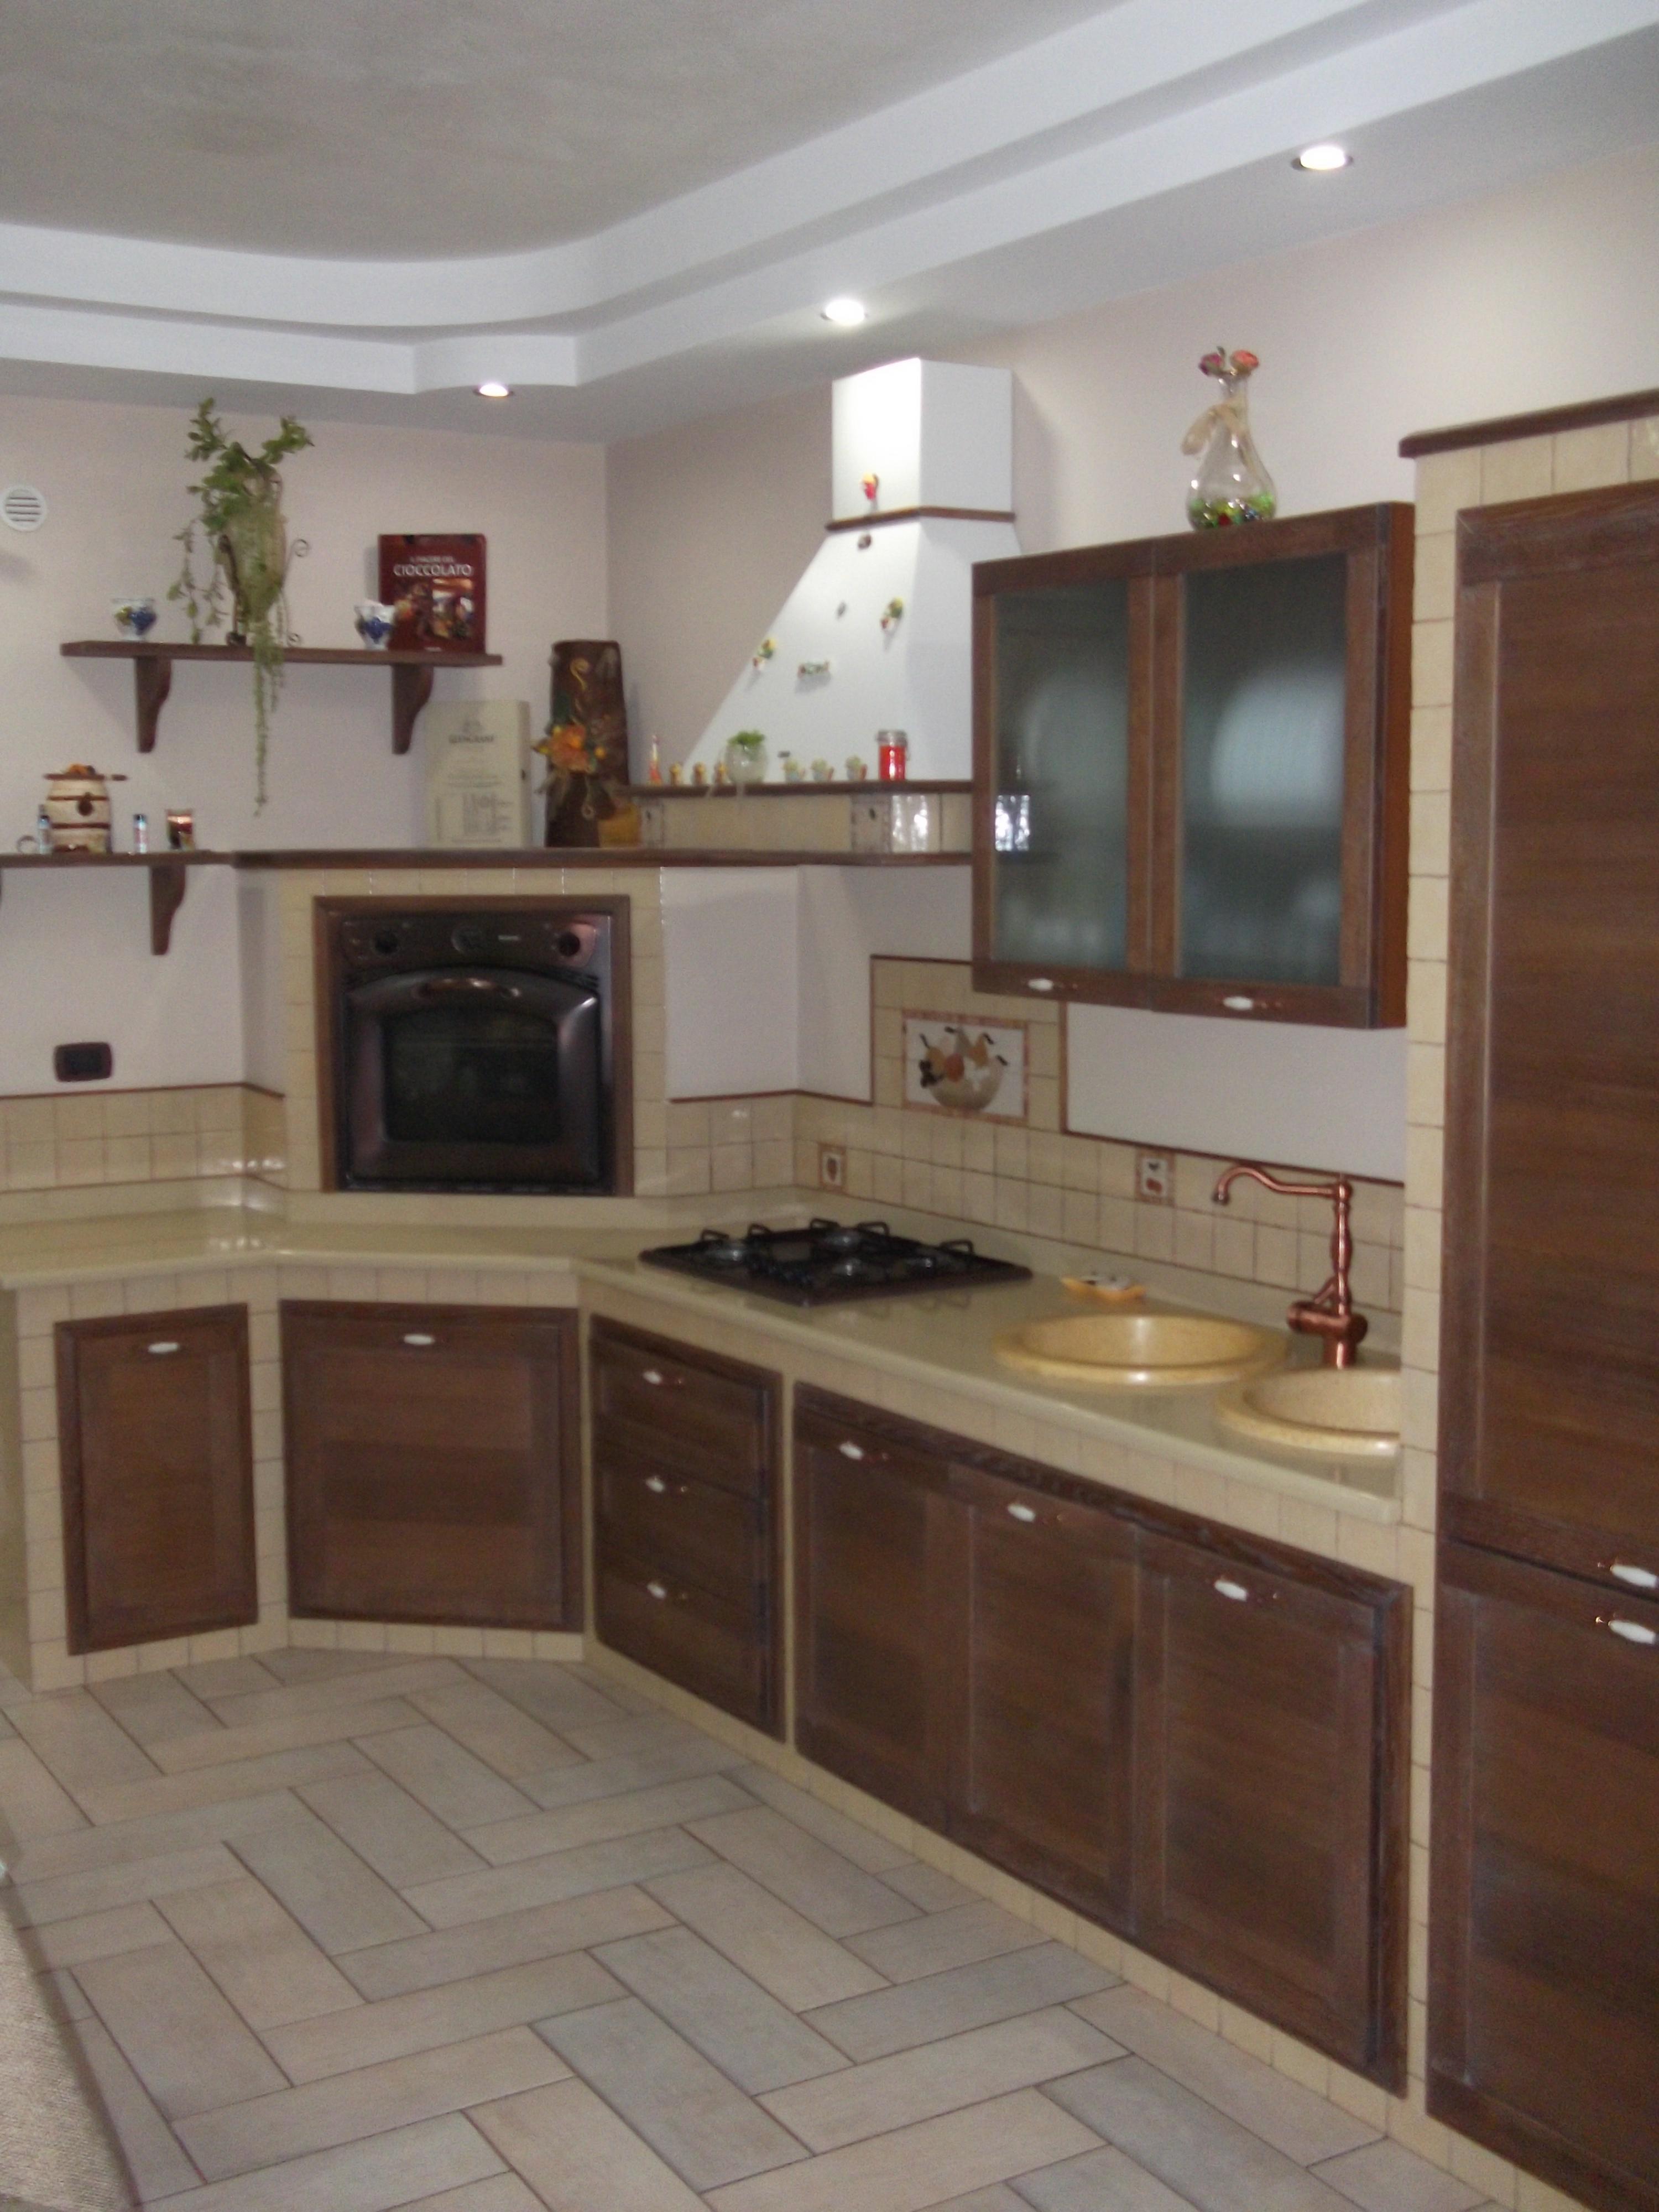 Piccole cucine in muratura fabulous cucine in finta for Cucine in muratura